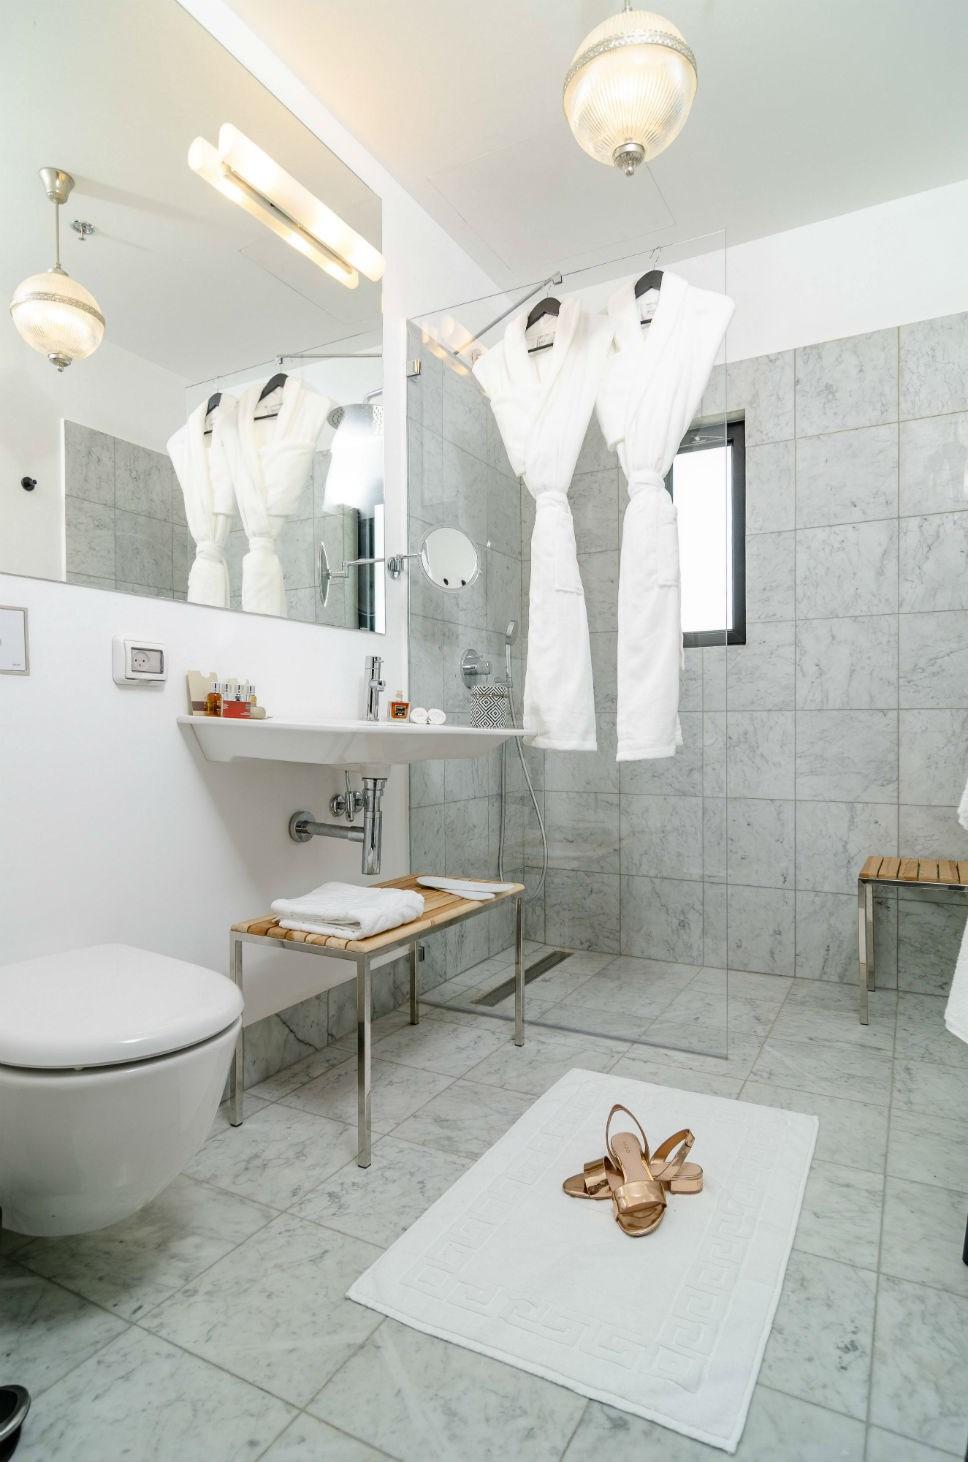 מקלחת בחדר גארדן